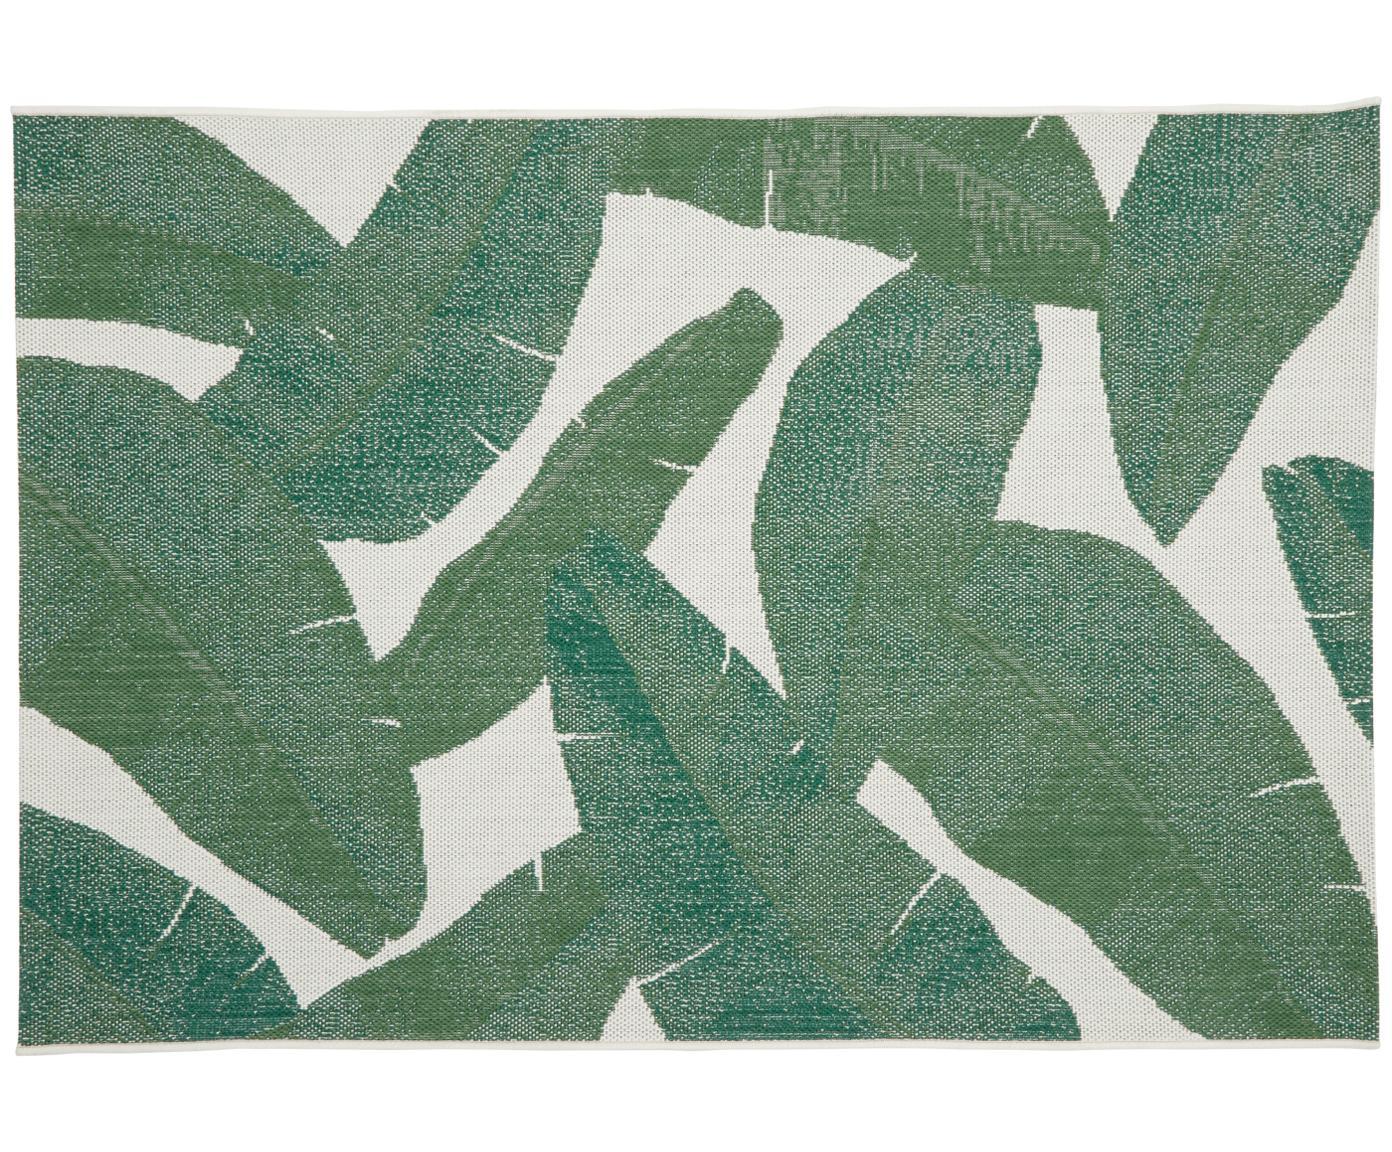 In- & Outdoor-Teppich Jungle mit Blattmuster, Flor: 100% Polypropylen, Cremeweiß, Grün, B 200 x L 290 cm (Größe L)